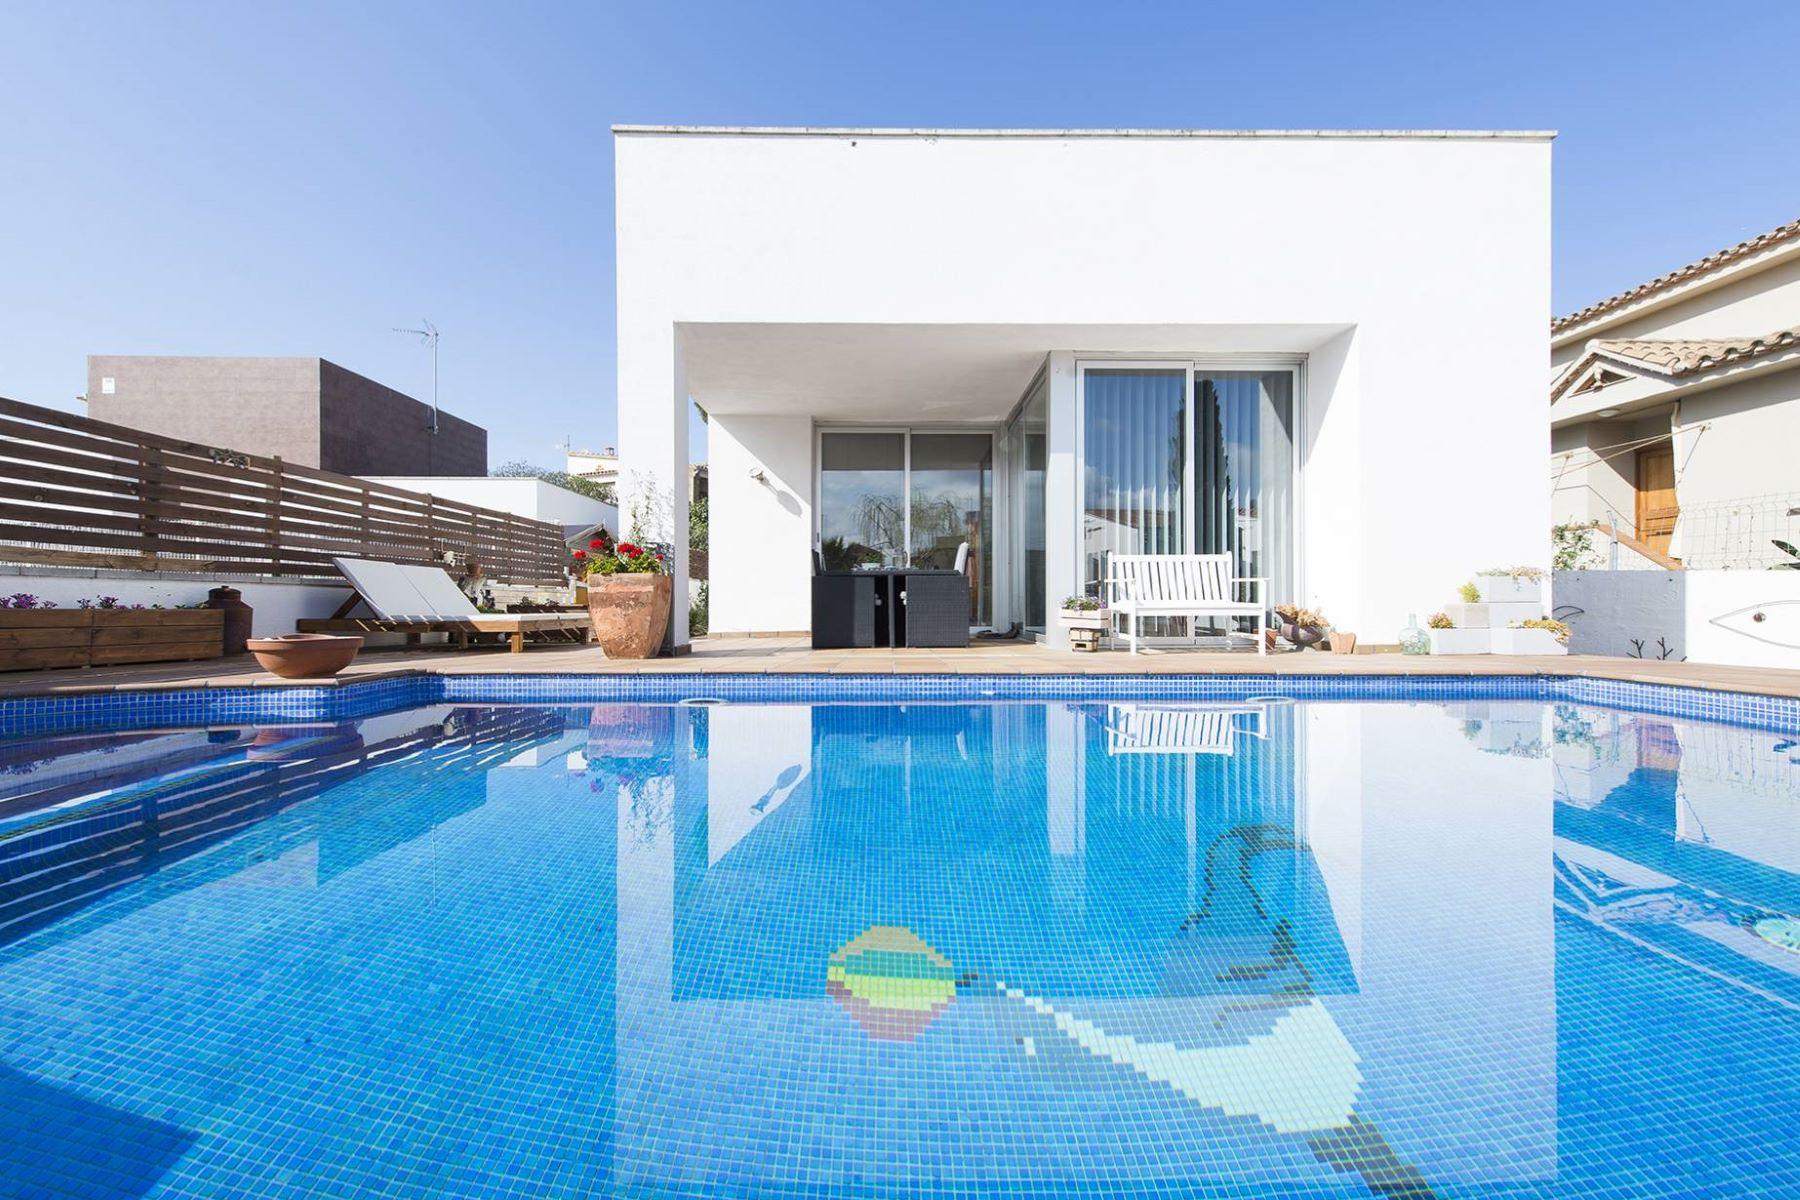 Casa Unifamiliar por un Venta en Nice house in L'Escala near the beach L Escala, Costa Brava, 17130 España